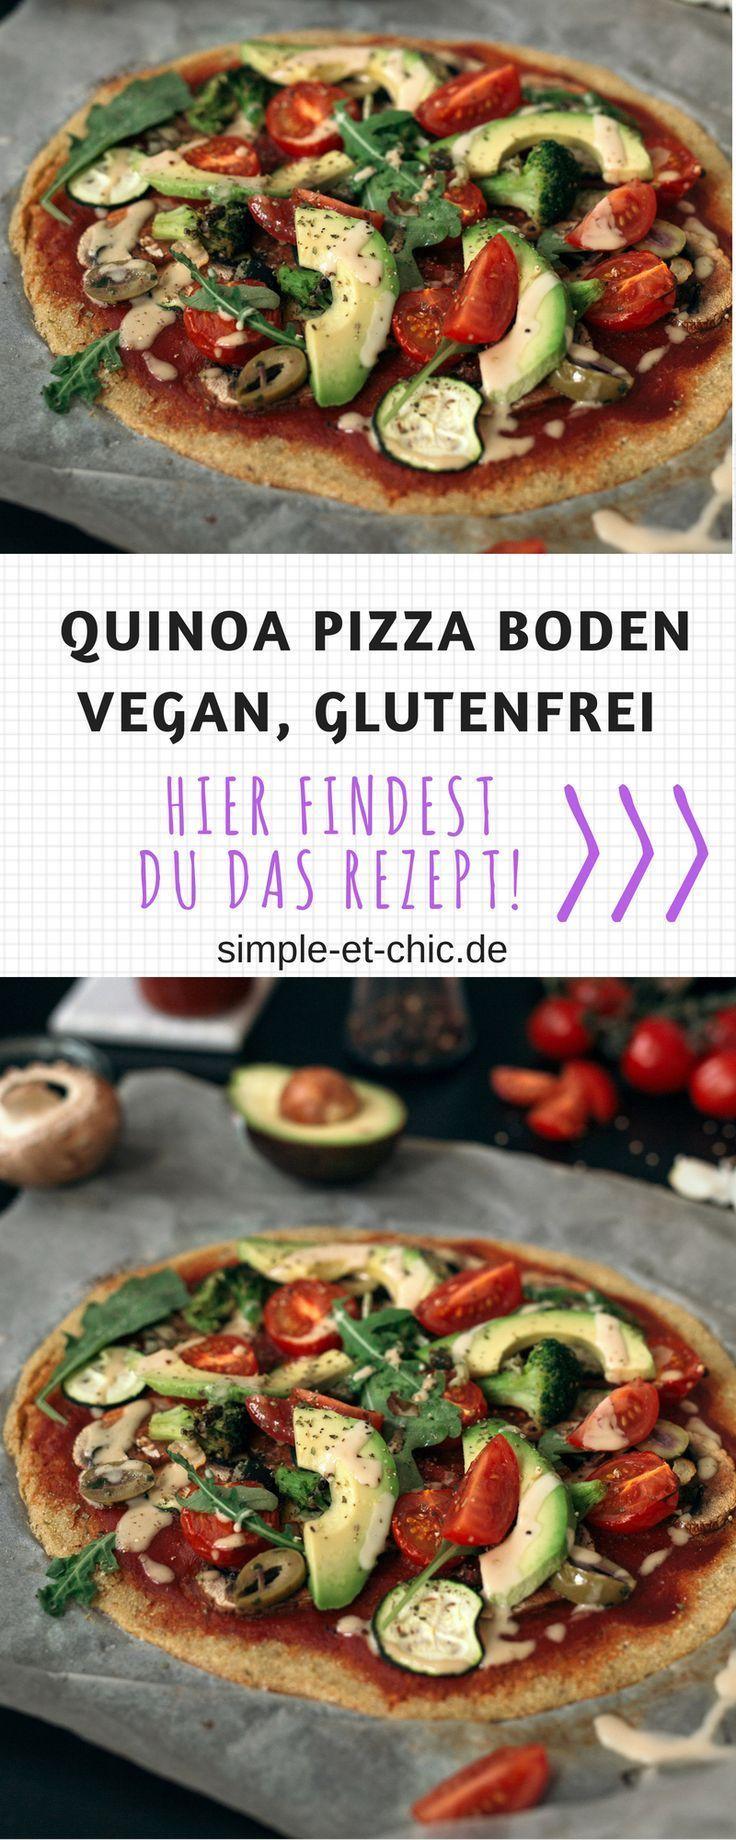 Quinoa Pizzaboden - vegan und glutenfrei,  Quinoa Pizzaboden - vegan und glutenfrei,